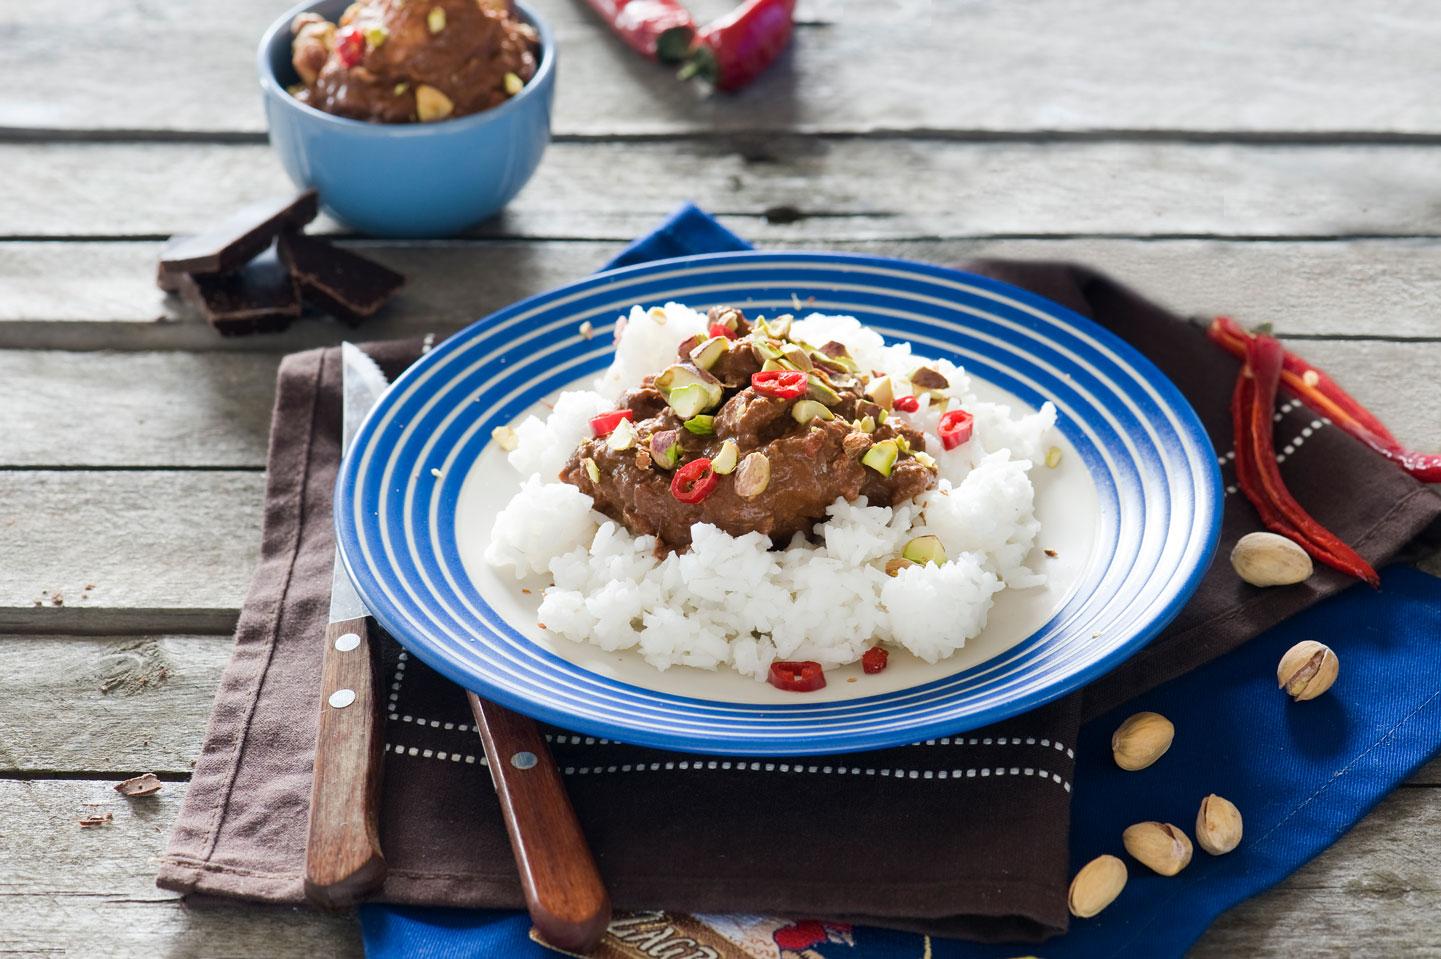 Przepis na: Meksykański kurczak w sosie mole z czekoladą i chili